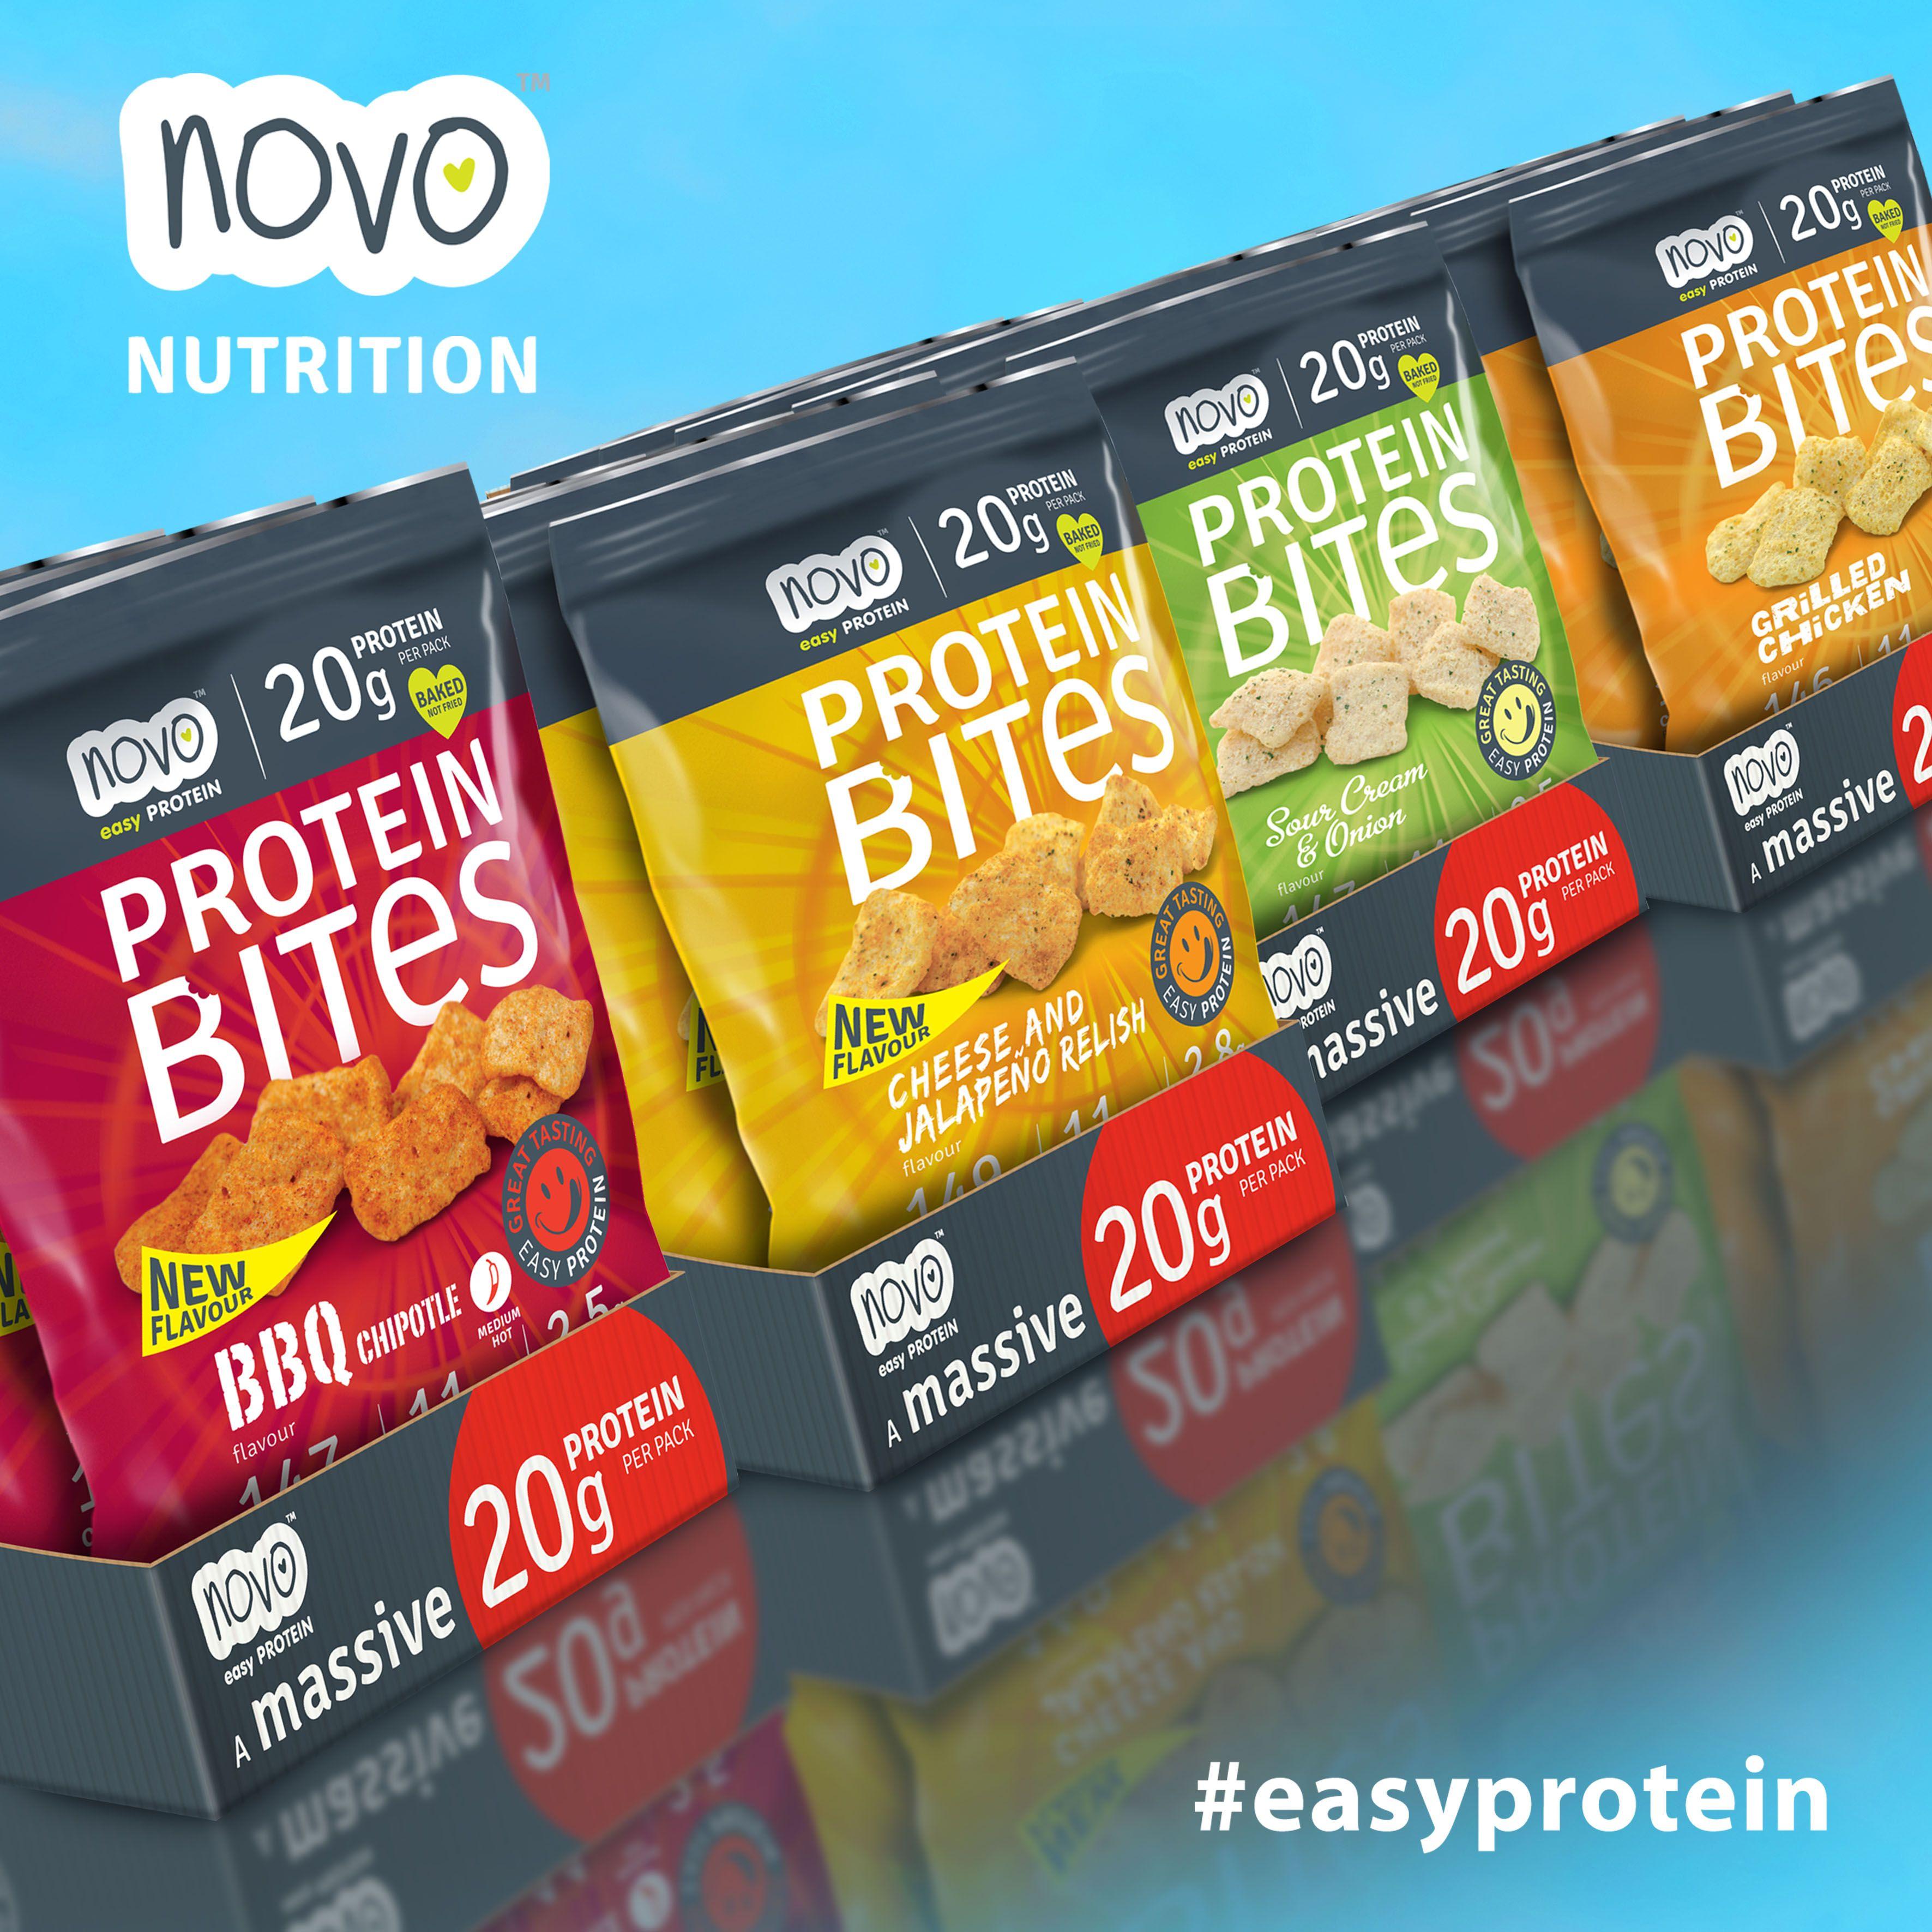 protein bites proteínové chipsy